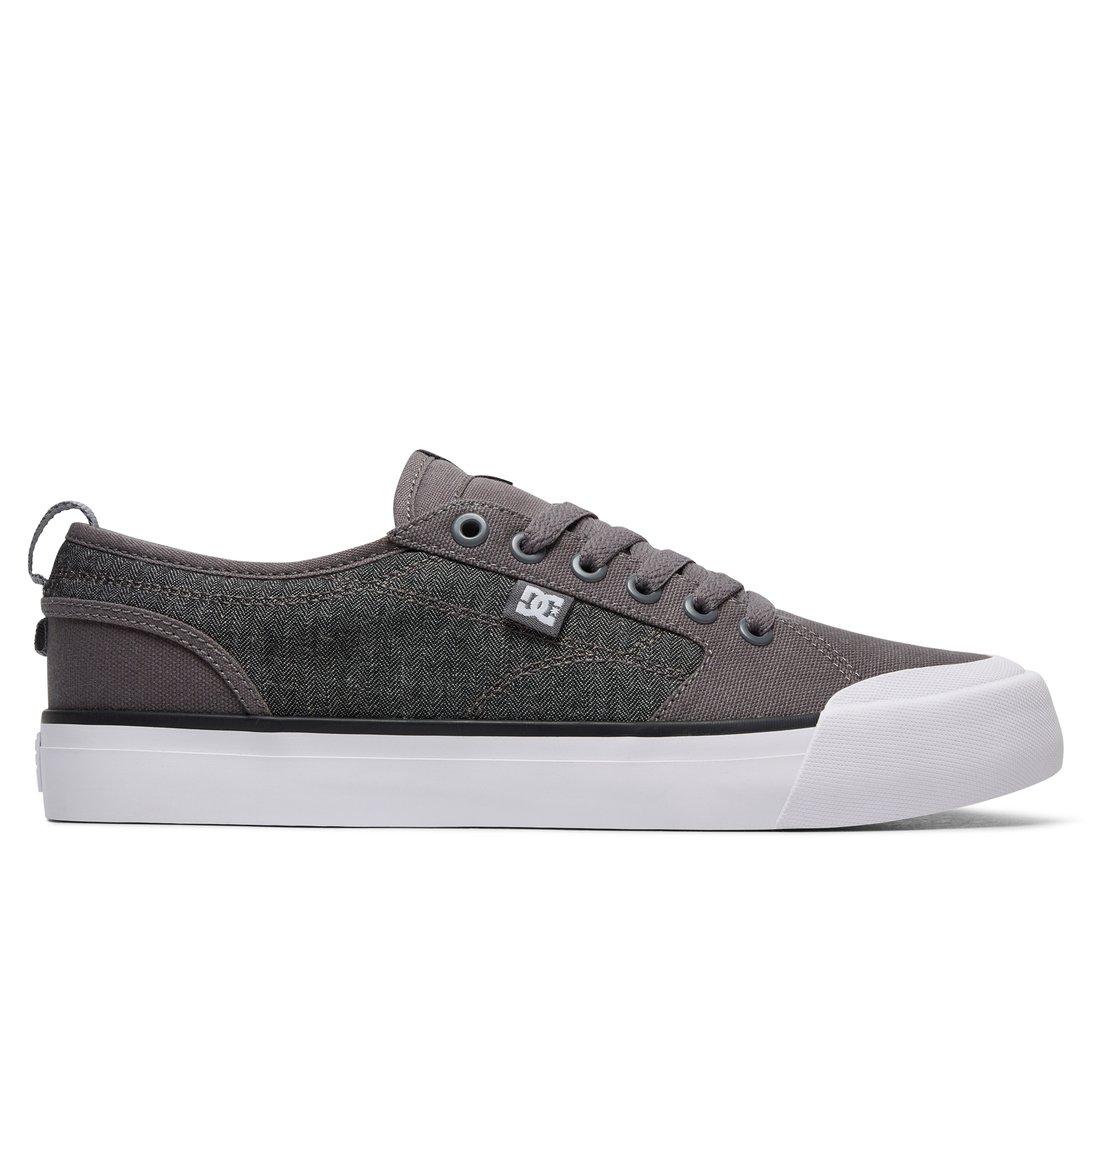 DC Shoes Evan Smith TX - Shoes - Zapatillas - Hombre - EU 46